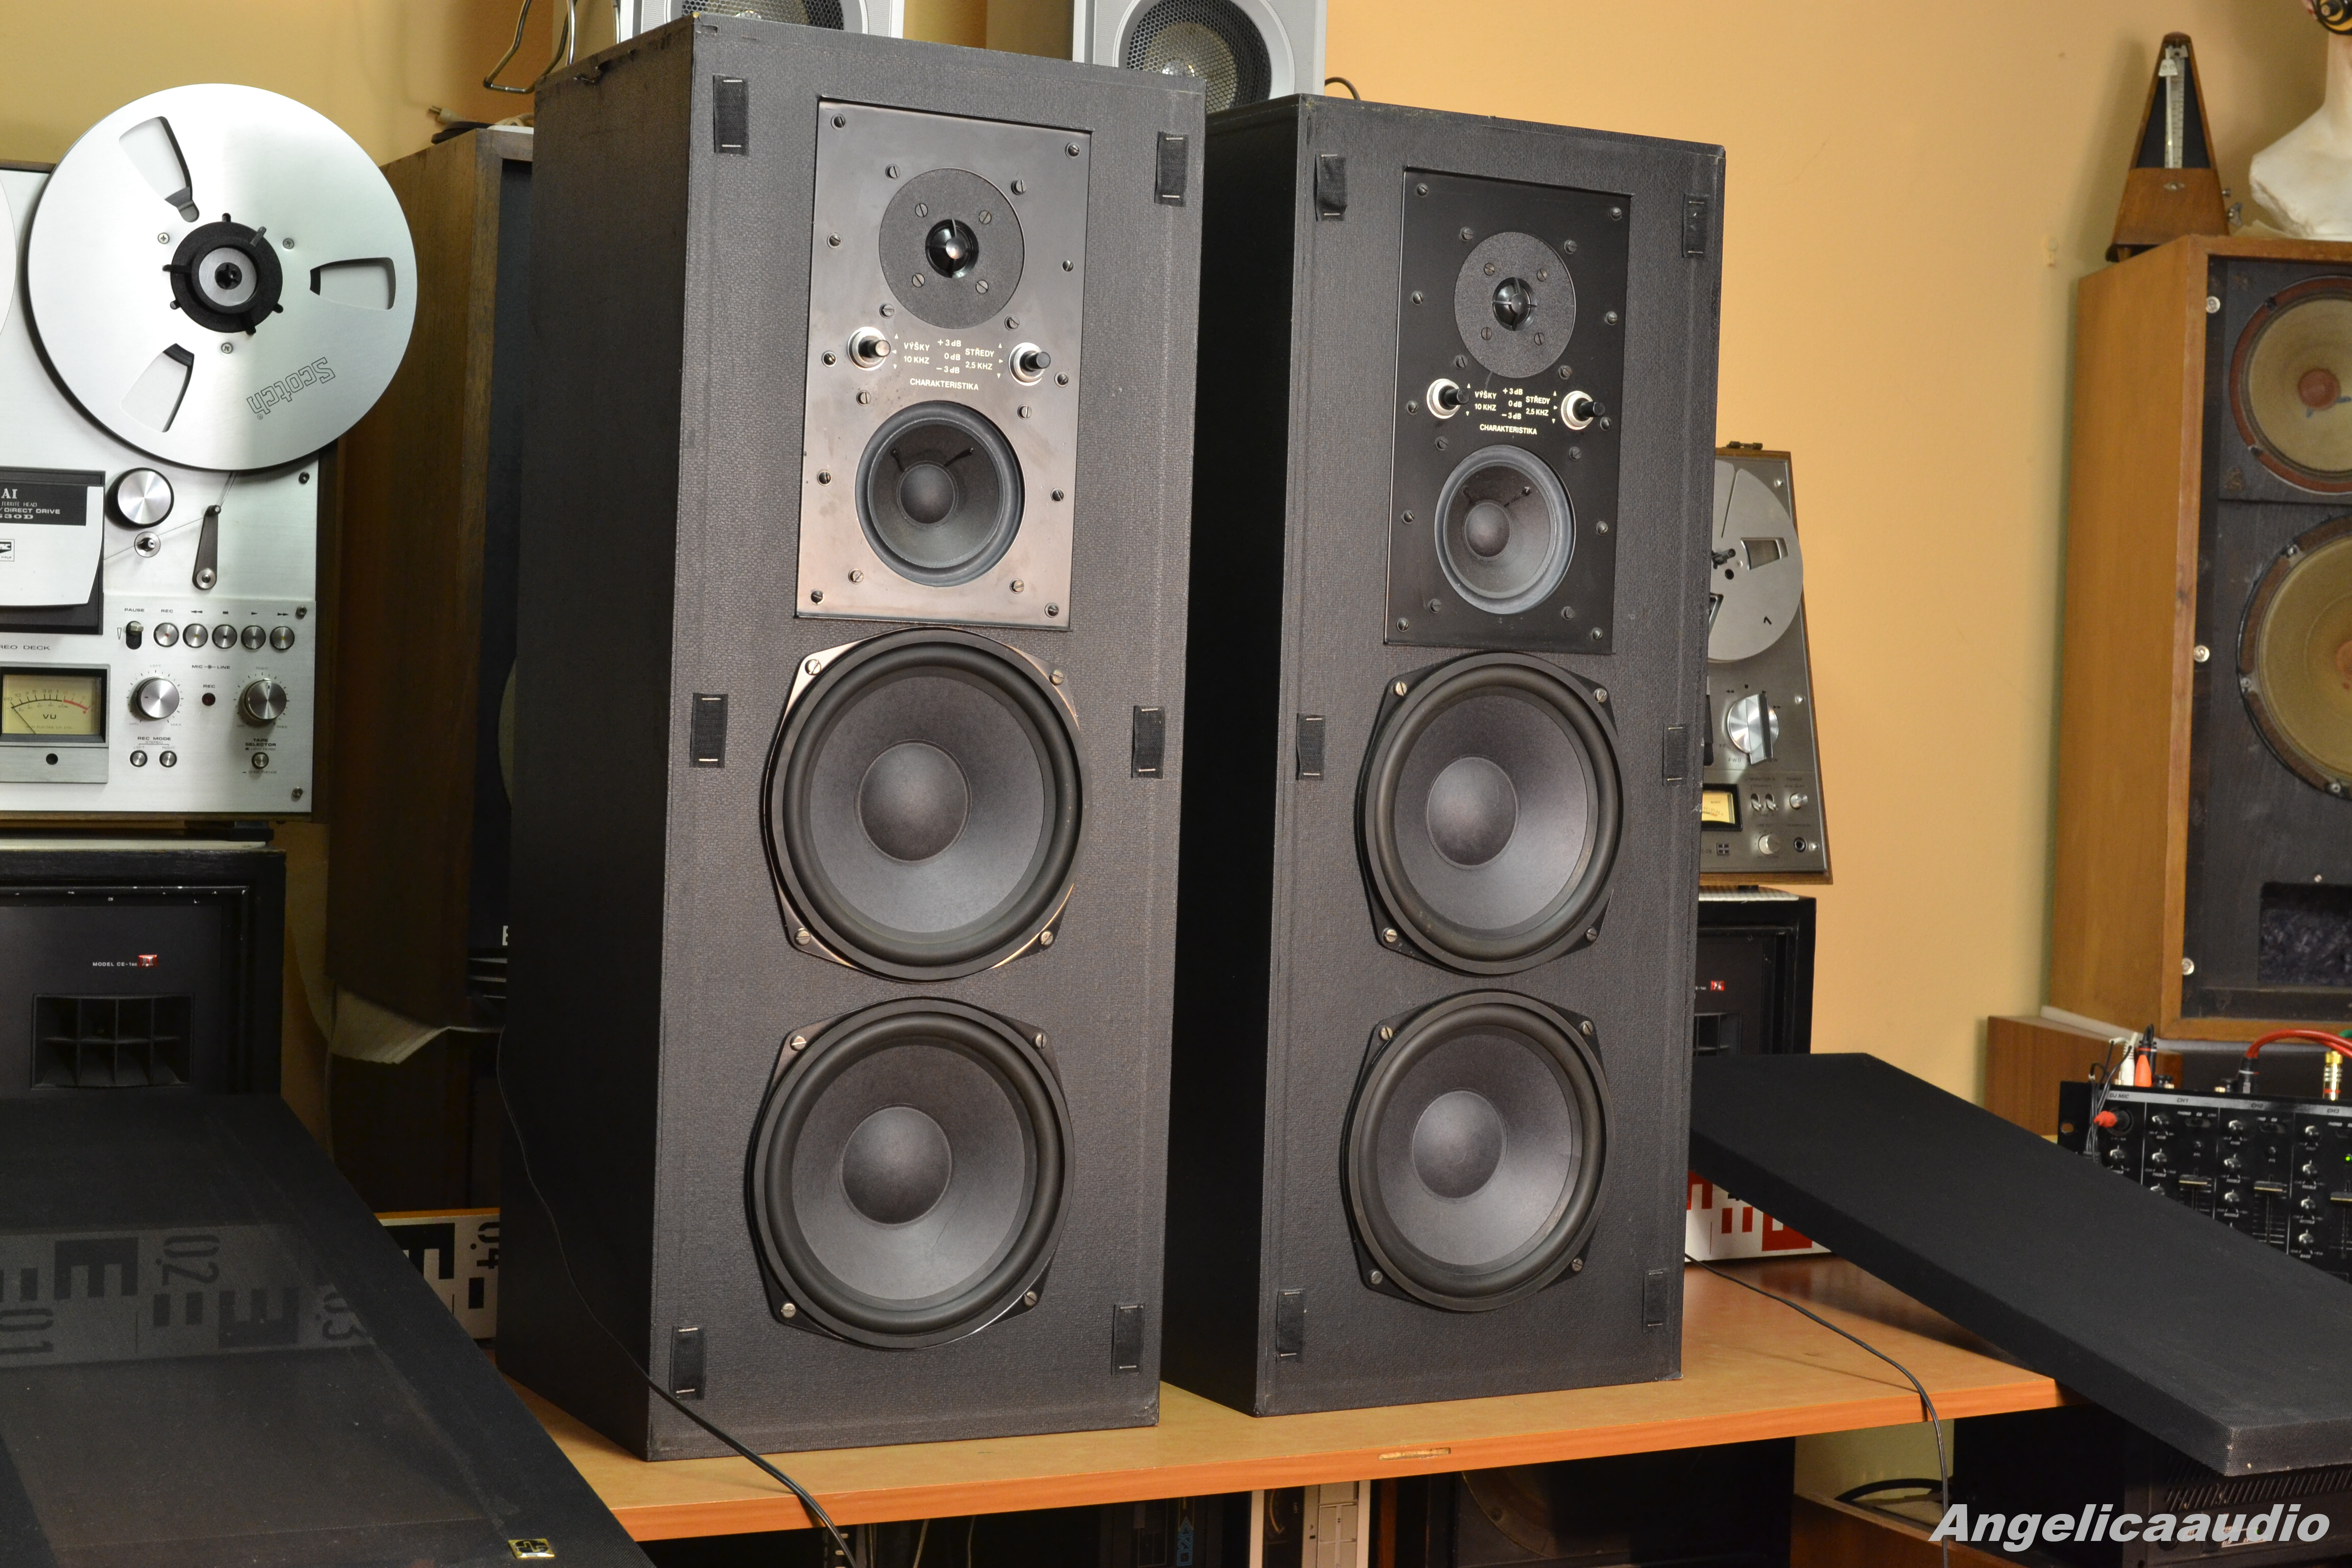 RS 538 Elektronika Praha « Angelicaaudio 1990 5b0d1e6c893